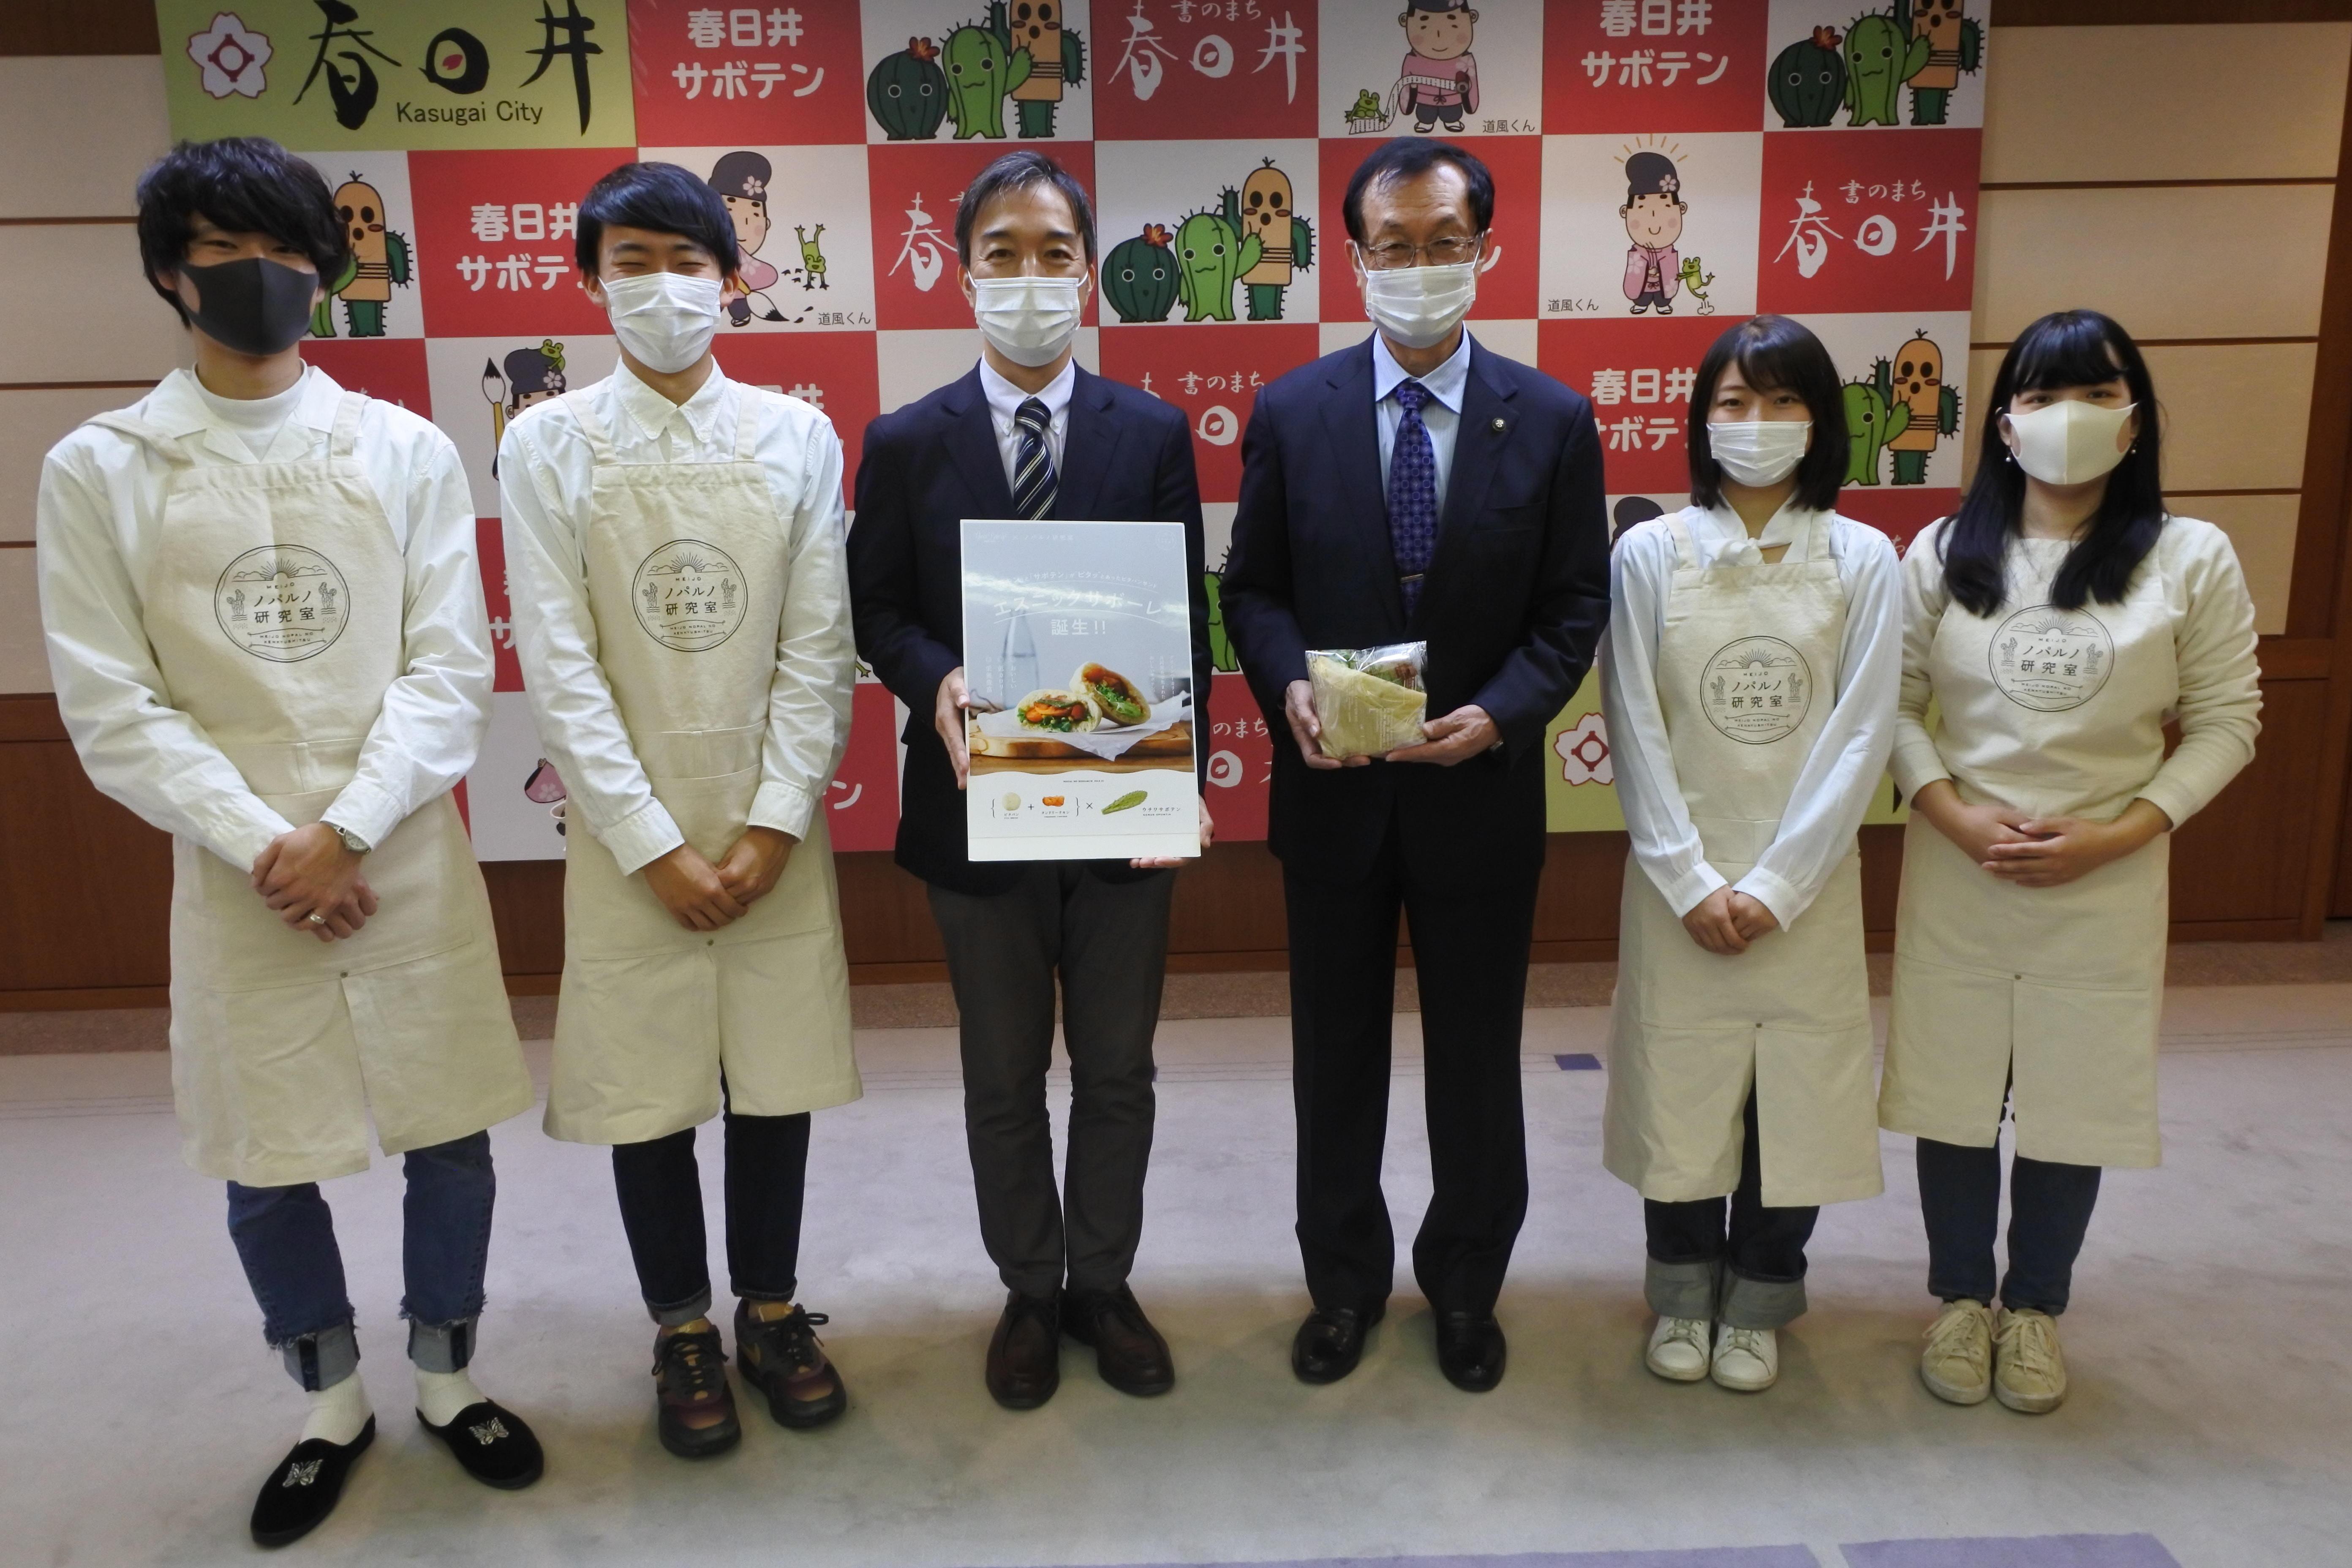 ピタパンサンドの試食を求めて伊藤市長(右から3人目)を訪問した近藤准教授(同4人目)と学生たち